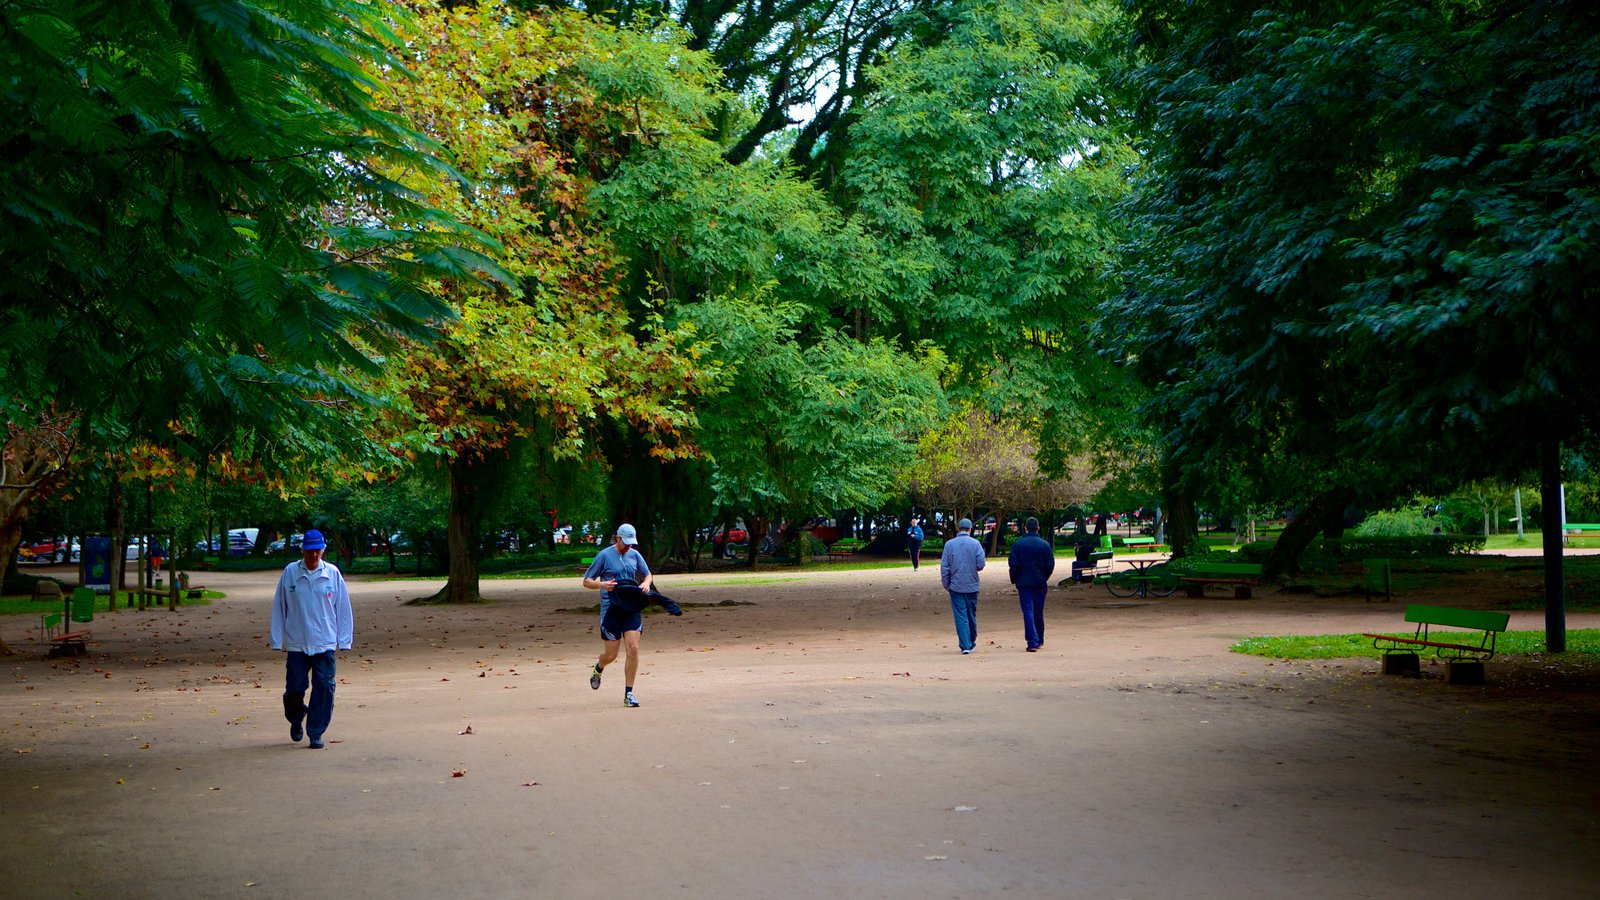 Parque Moinhos de Vento que inclui escalada ou caminhada e um parque assim como um pequeno grupo de pessoas